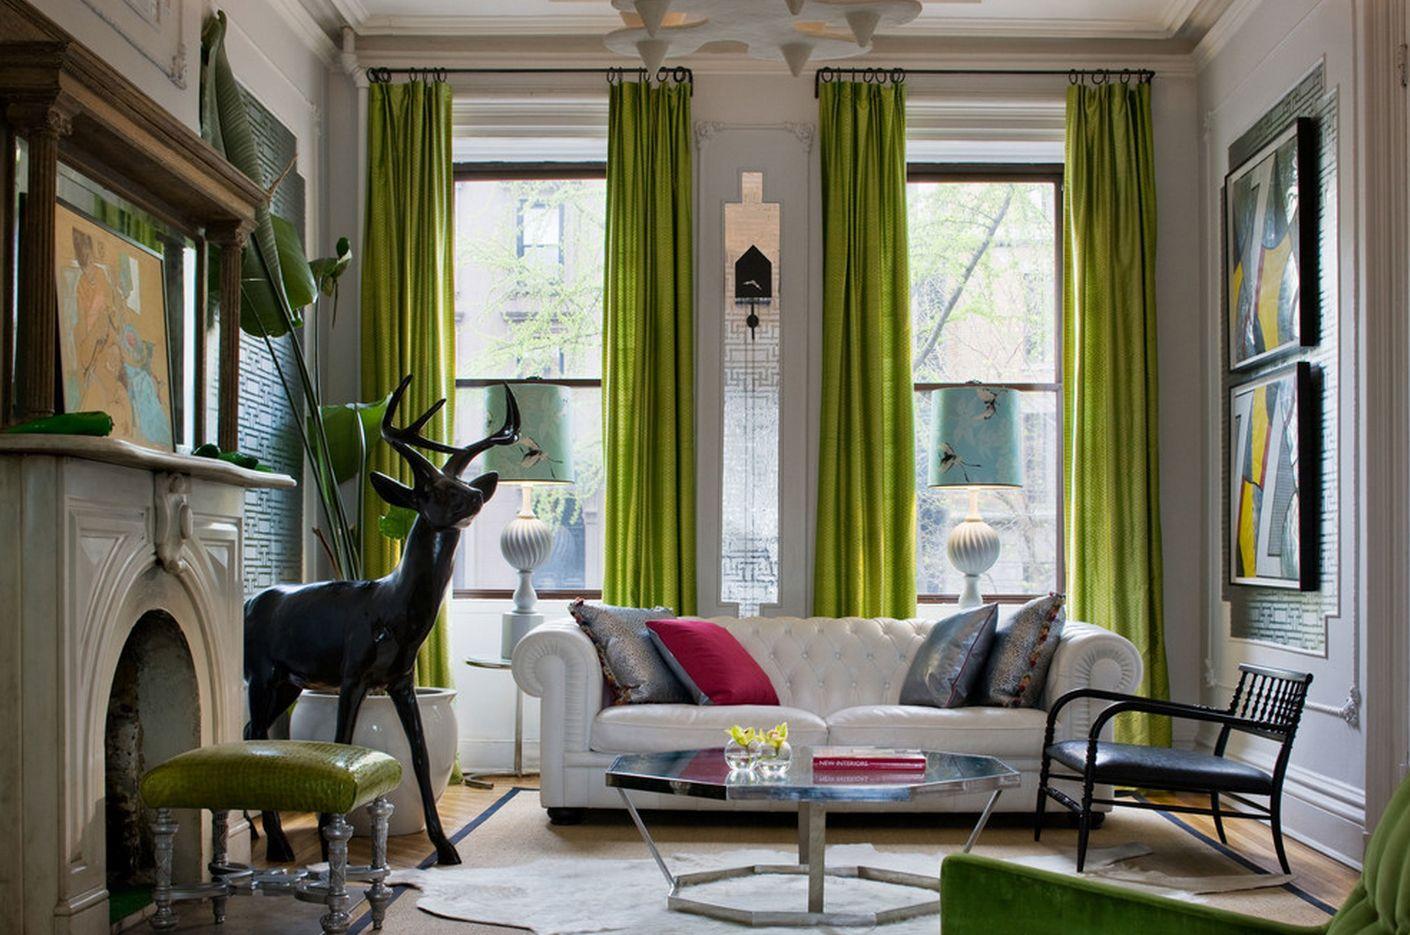 Белые шторы в спальню: 120 фото красивого дизайна. инструкция по выбору и сочетанию белых штор в интерьере